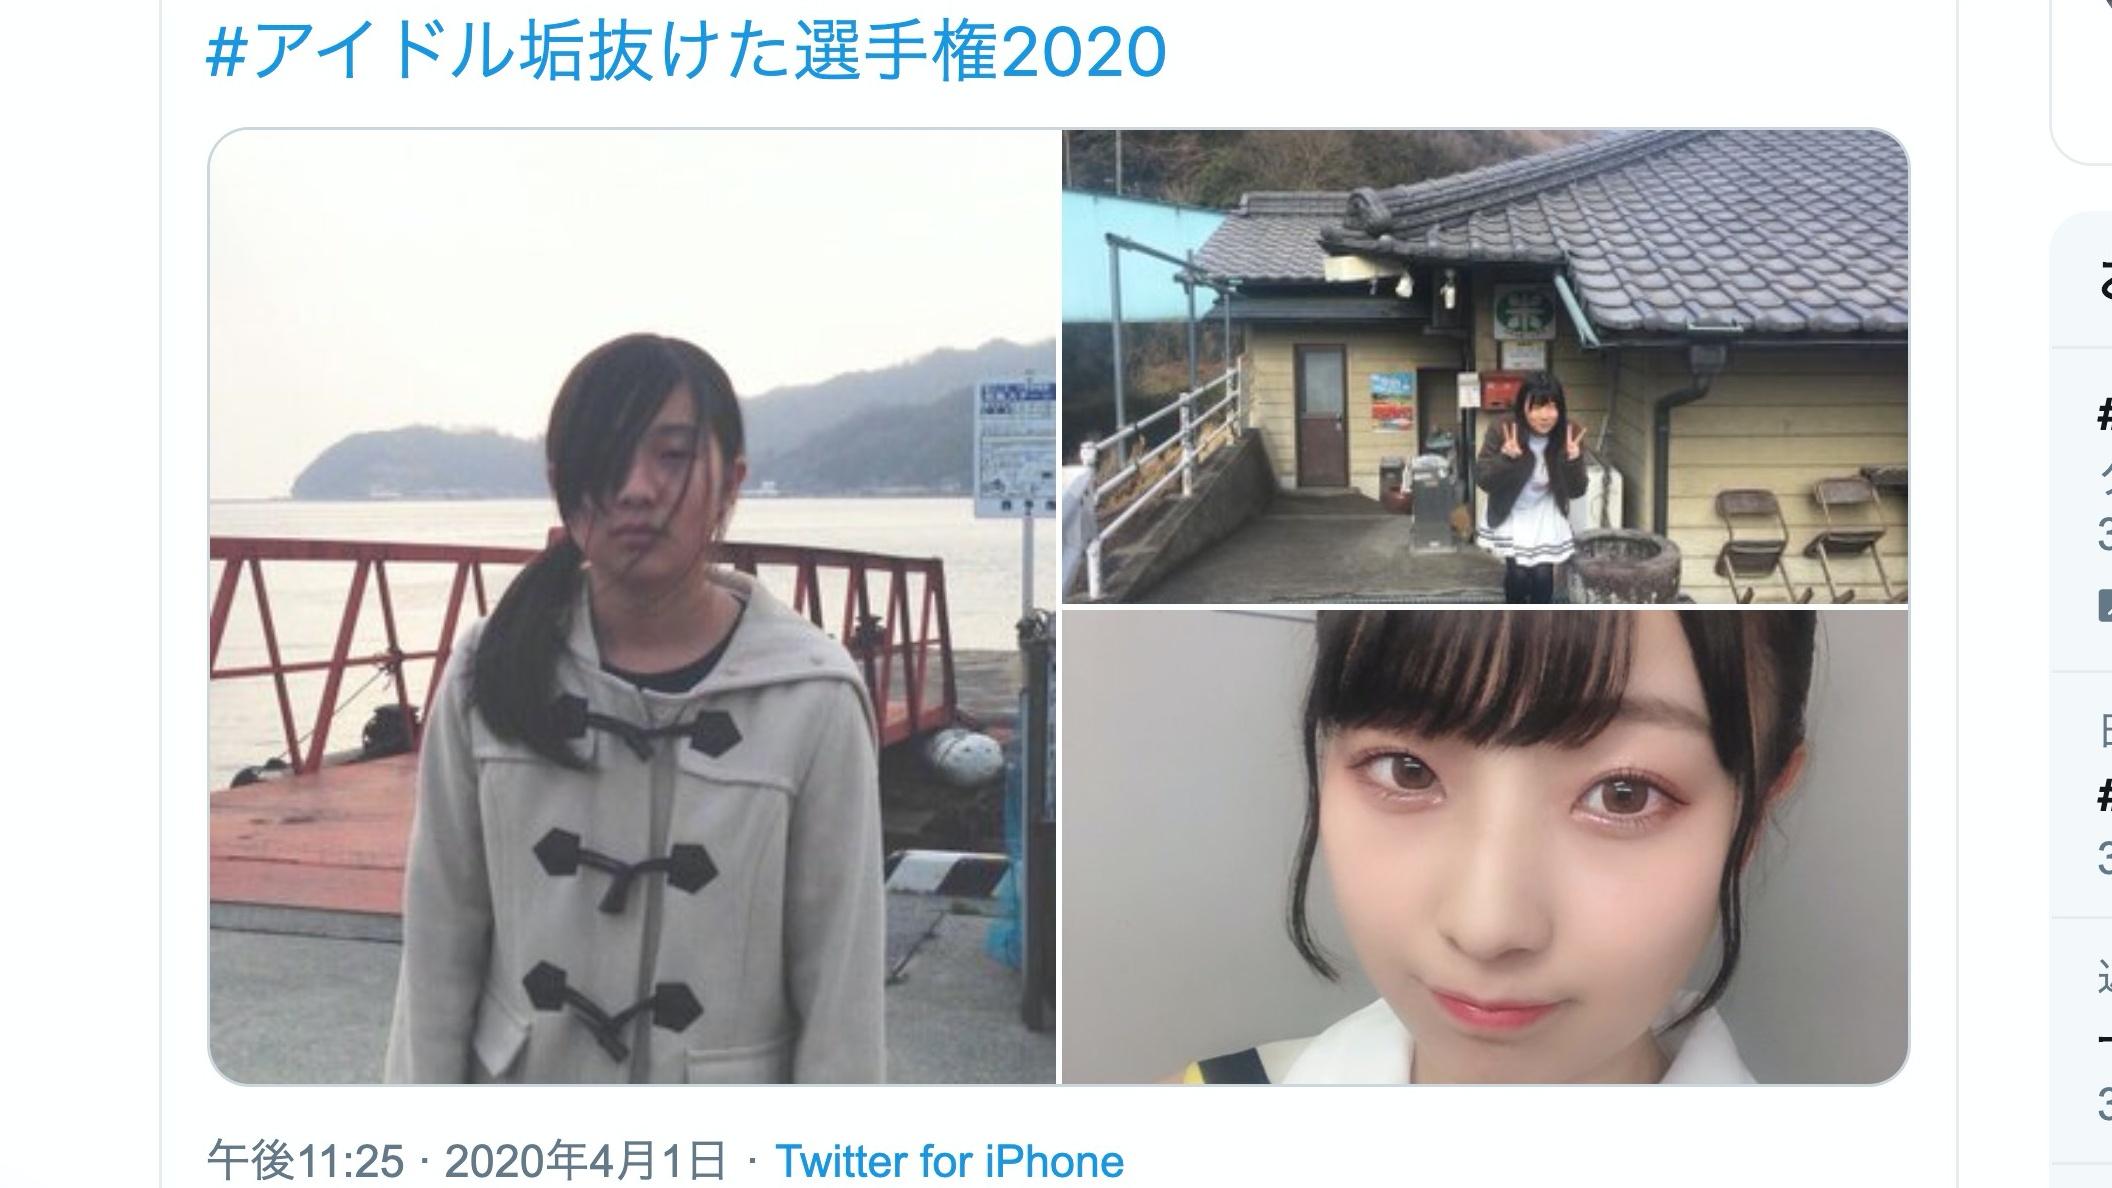 【安部若菜】わかぽんの「#アイドル垢抜けた選手権2020」がなかなか強い